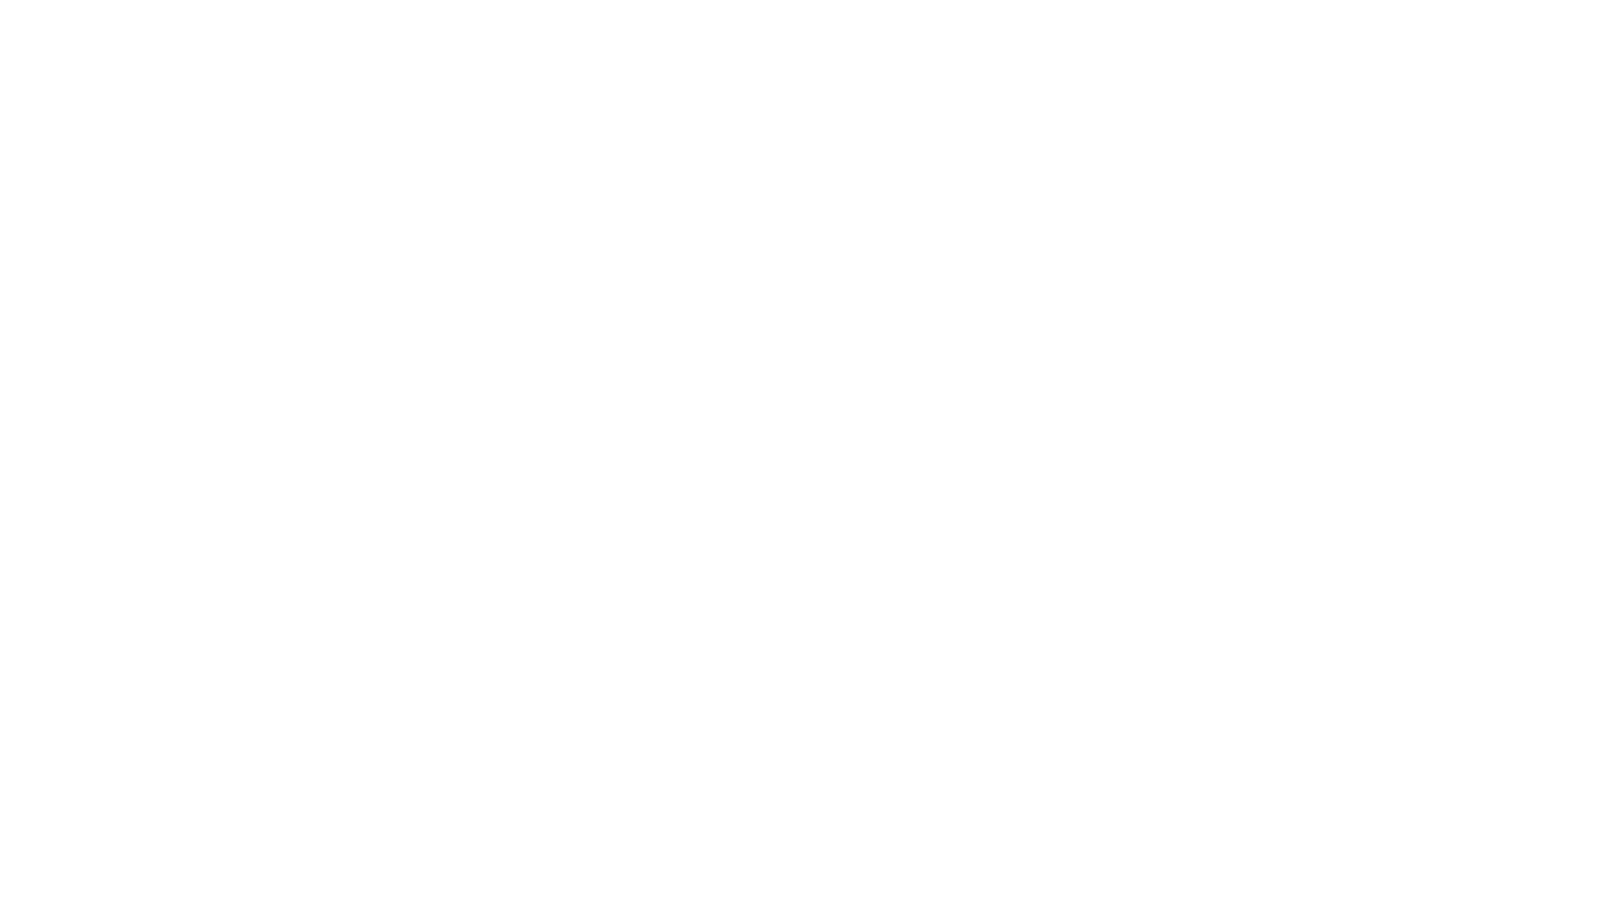 Nature Strong de la marque #OPI, présente une palette de 30 couleurs plus craquantes les unes que les autres ! En plus de sa formulation responsable, les emballages des vernis Nature Strong sont créés en matière recyclée à 100% et les flacons à 20%. Pour la préparation et la finition, il n'y a qu'un produit : la base & le top coat. Ce soin 2-en-1 permet de réduire le nombre de produits utilisés 😉  Découvrez les nuances de Nature Strong de OPI sur Beauty Coiffure - https://www.beautycoiffure.com/15525-vernis-a-ongles-vegans-nature-strong-opi  S I T E W E B : https://www.beautycoiffure.com/  F A C E B O O K : https://www.facebook.com/beautycoiffurebc  I N S T A G R A M : https://www.instagram.com/beautycoiffure_bc/